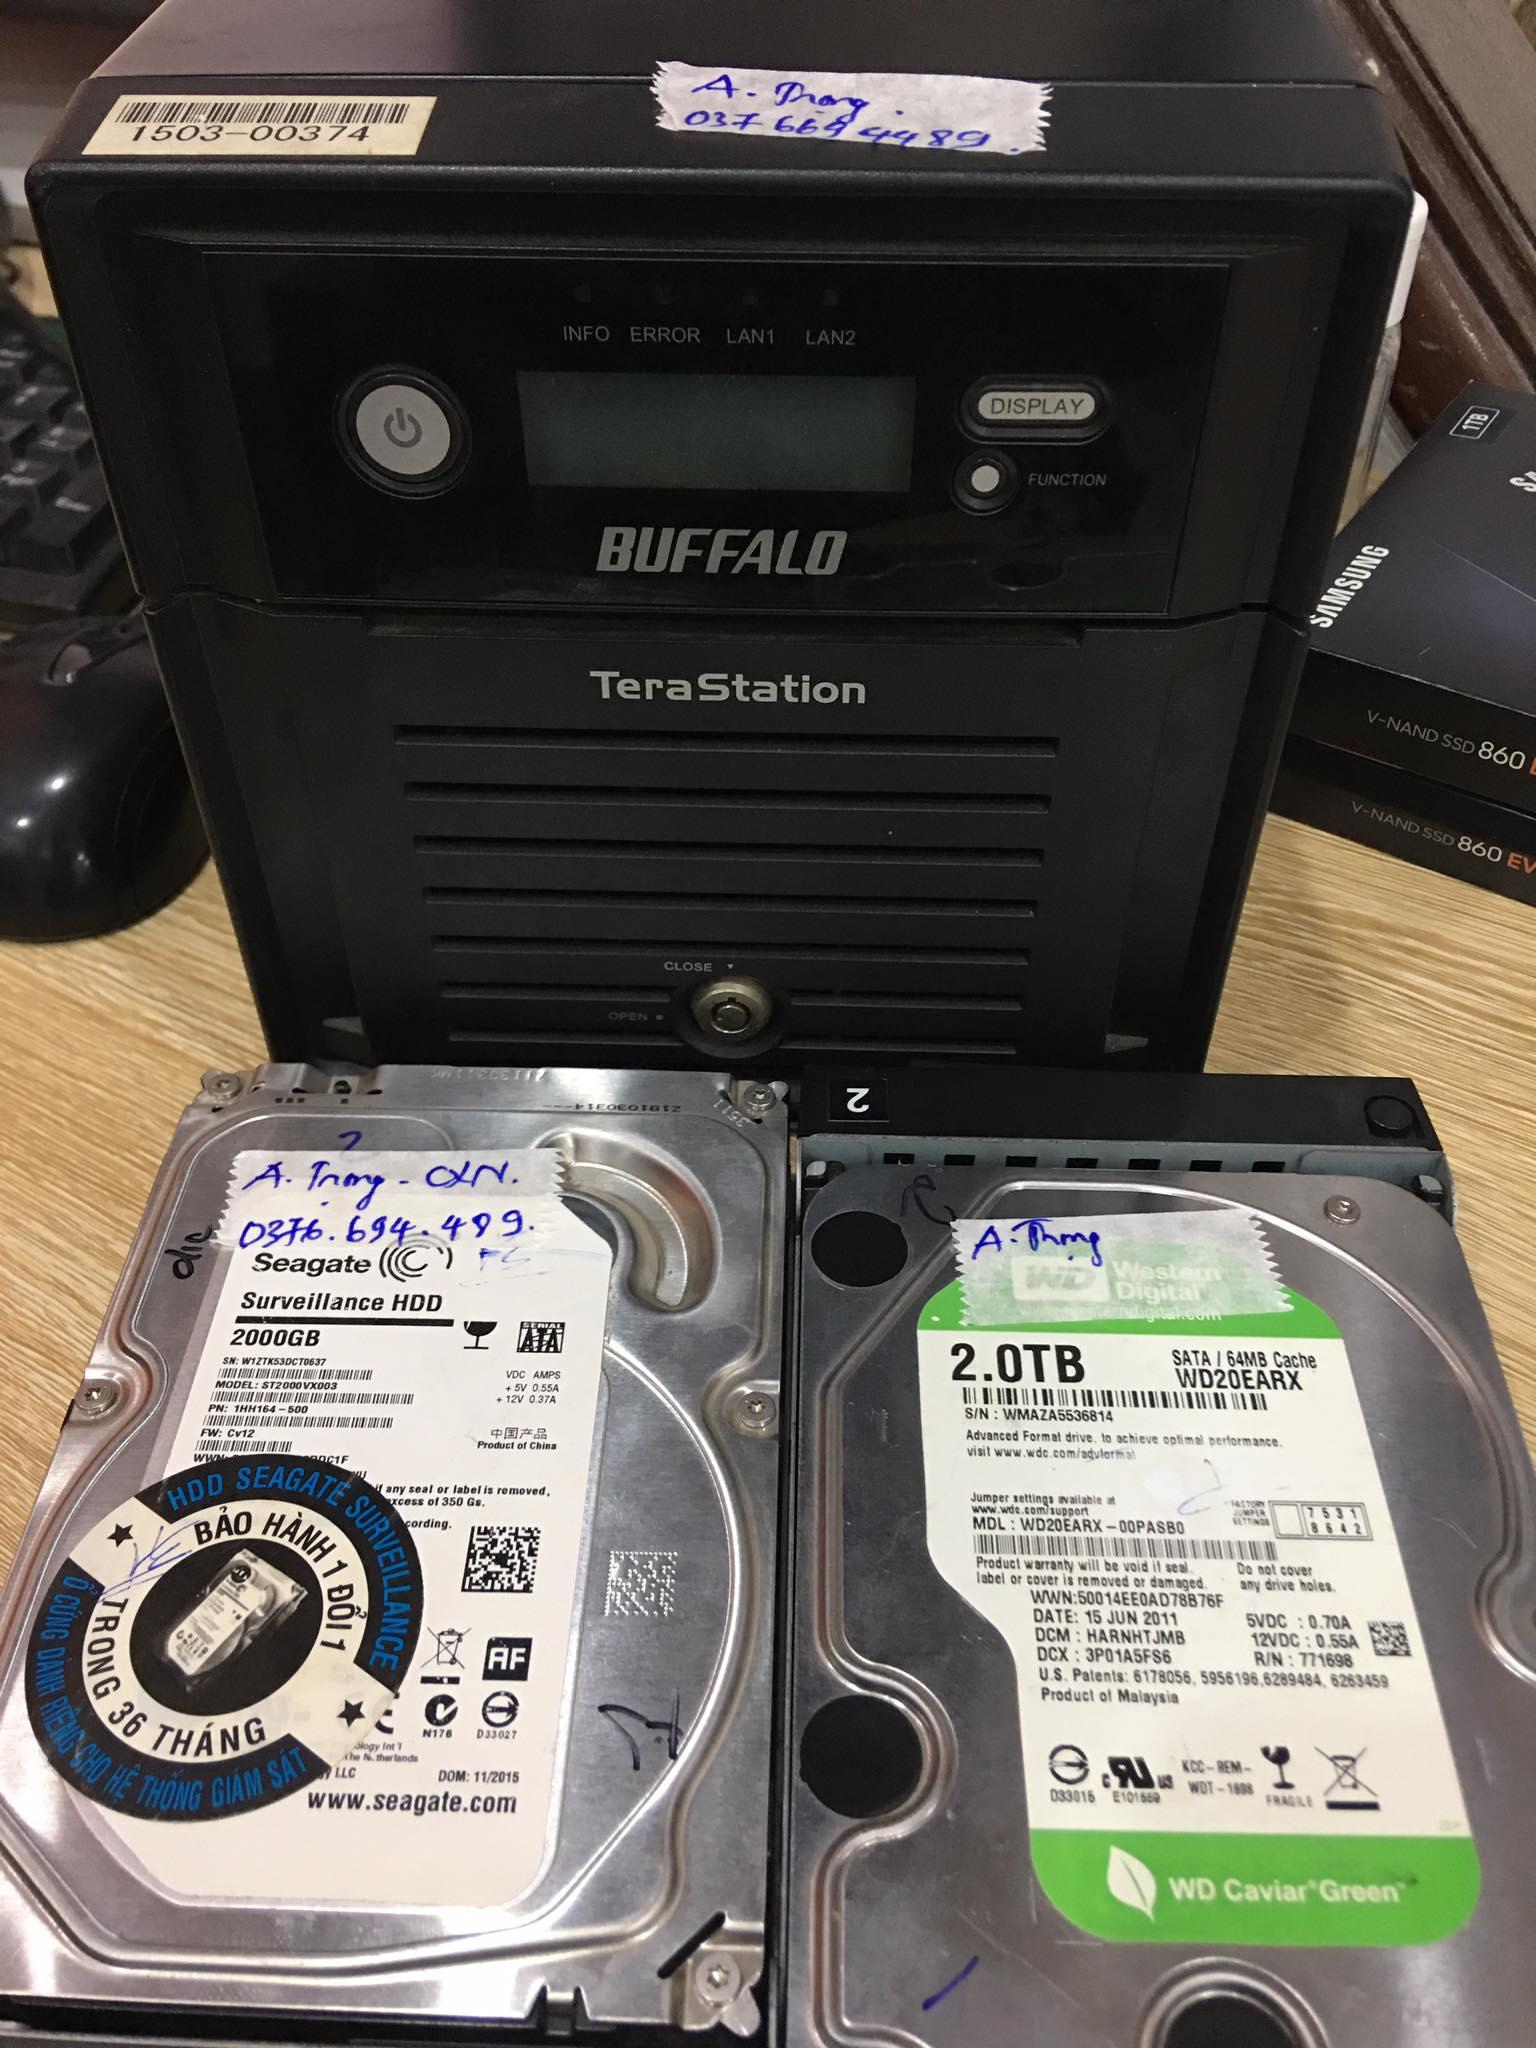 Phục hồi dữ liệu máy chủ Nas Buffalo với 2HDDx2TB lỗi 1HDD 03/09/2020 - cuumaytinh